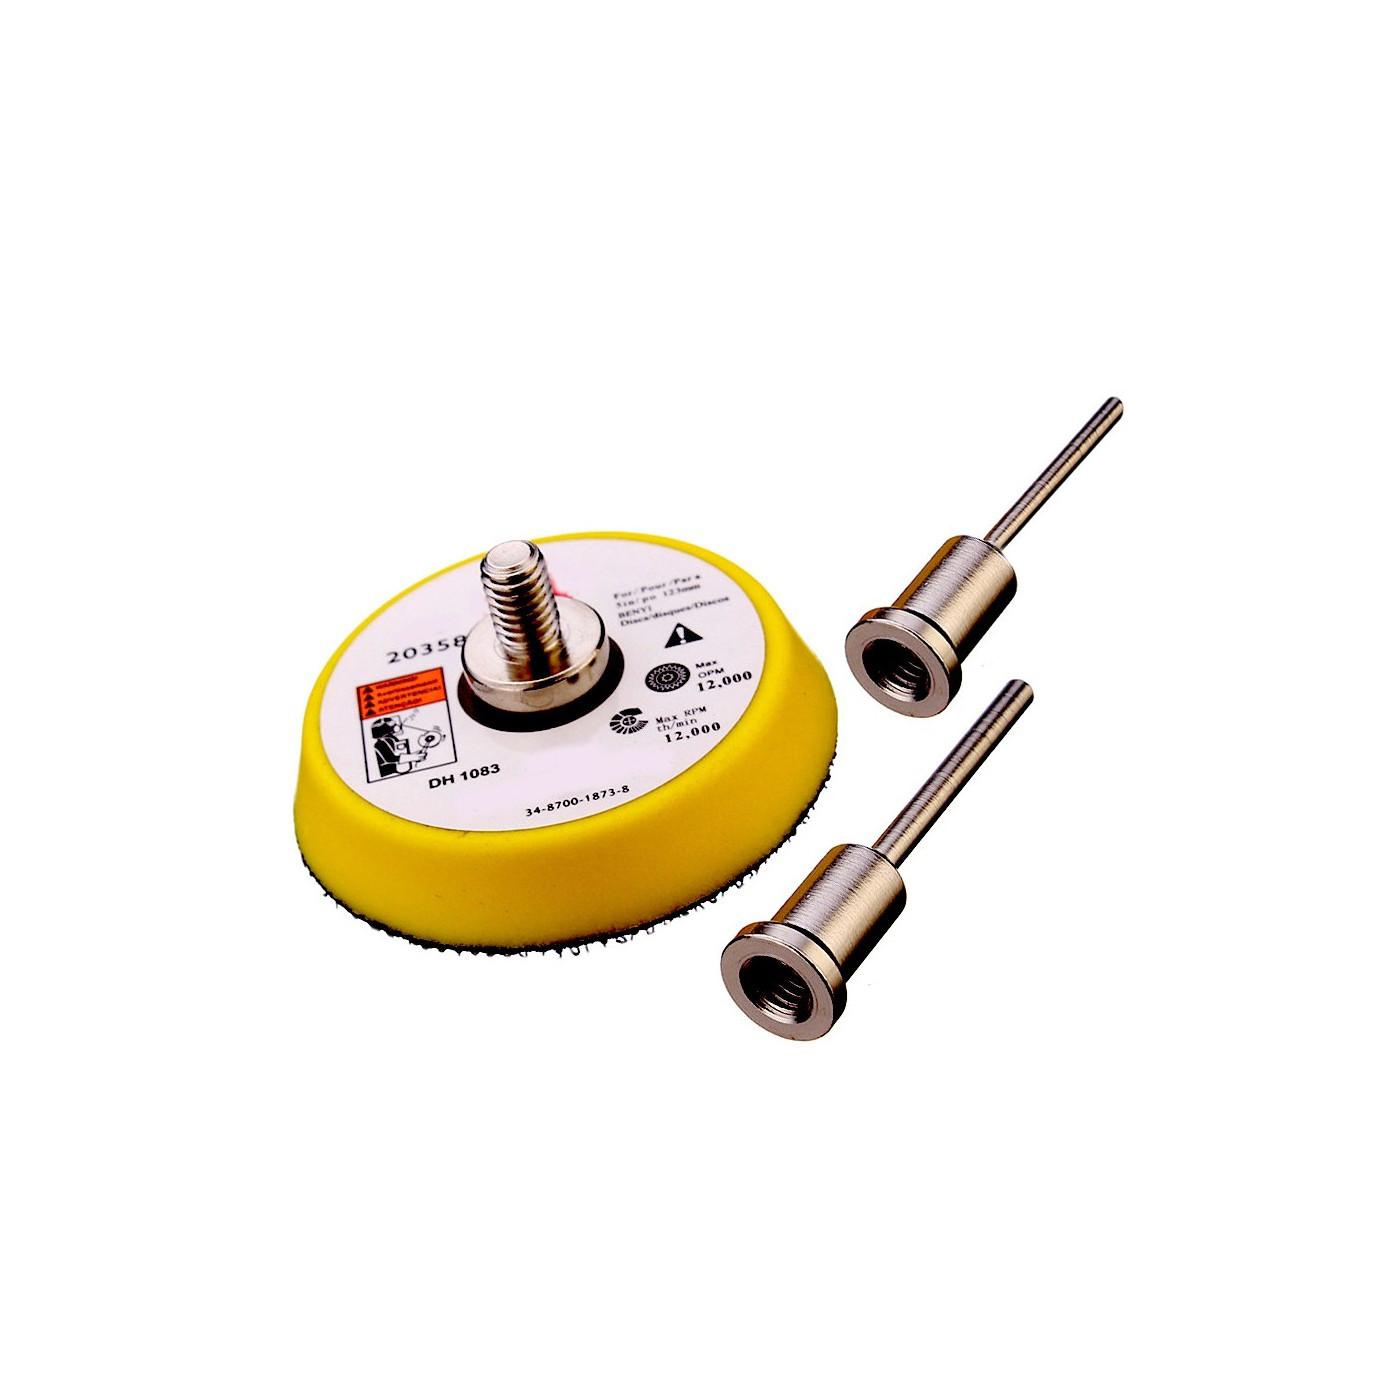 Patin de ponçage 50 mm (crochet et boucle) avec 2 adaptateurs  - 1